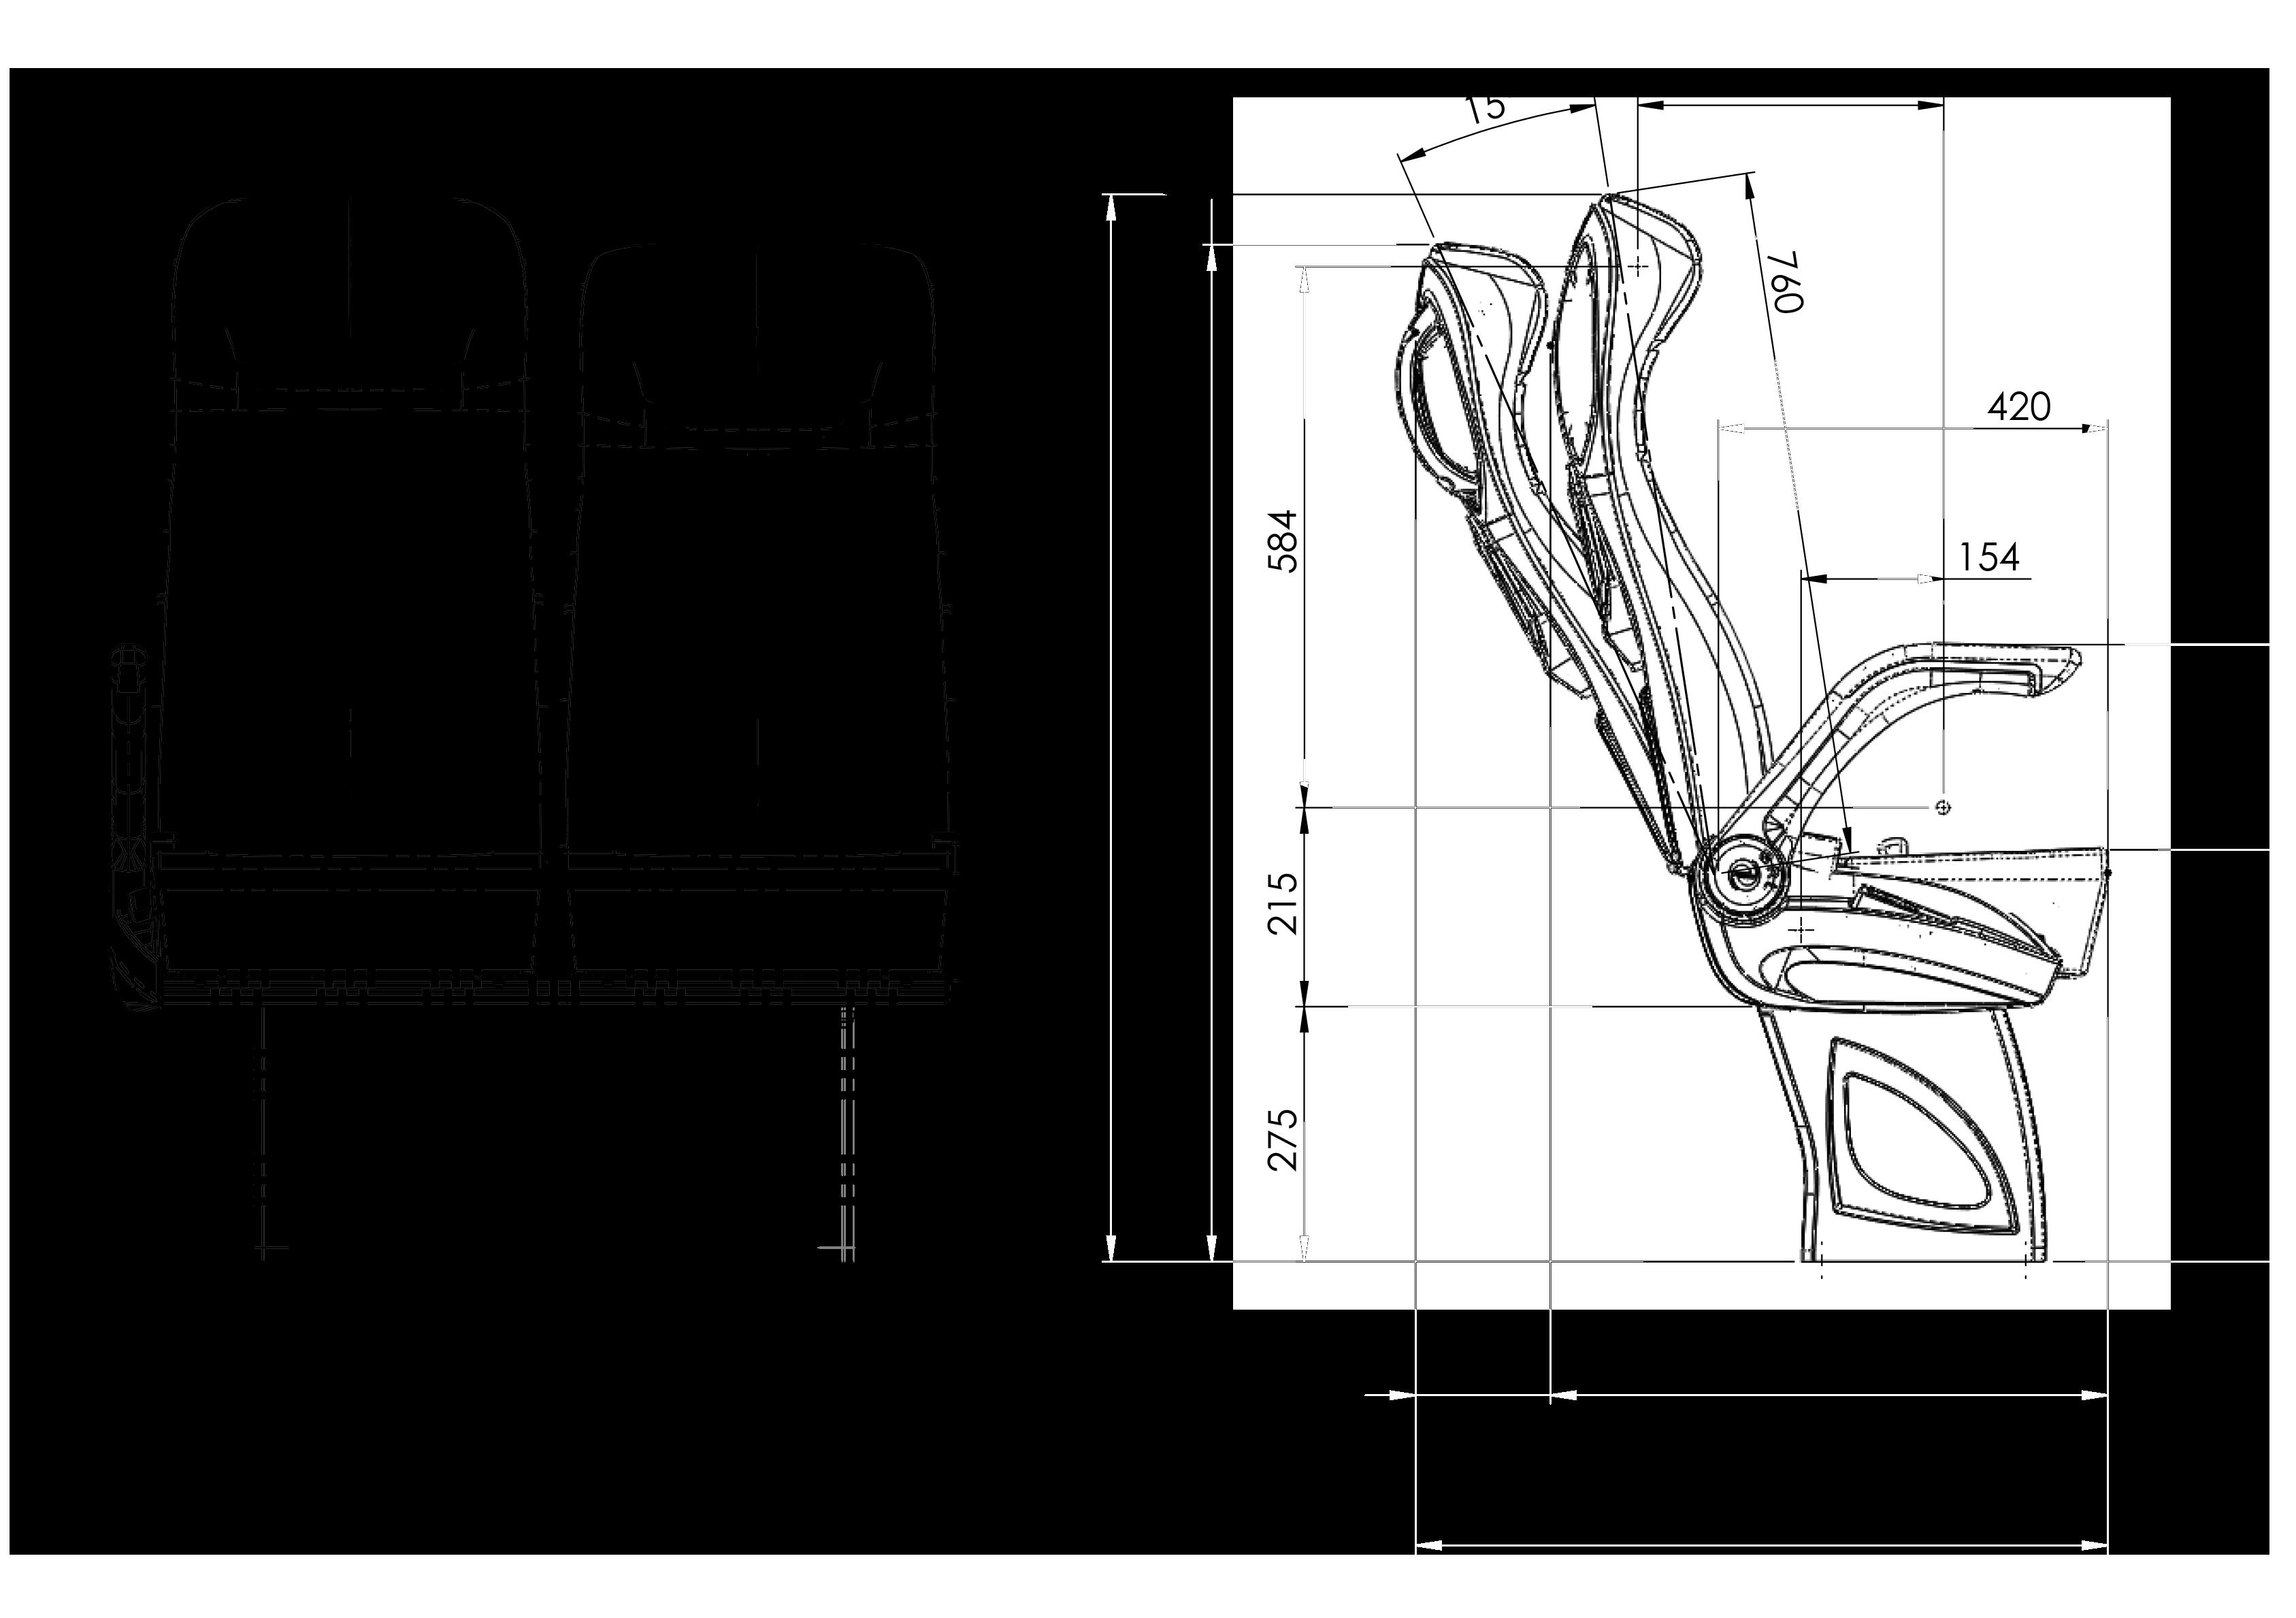 GS 500 teknik çizimi